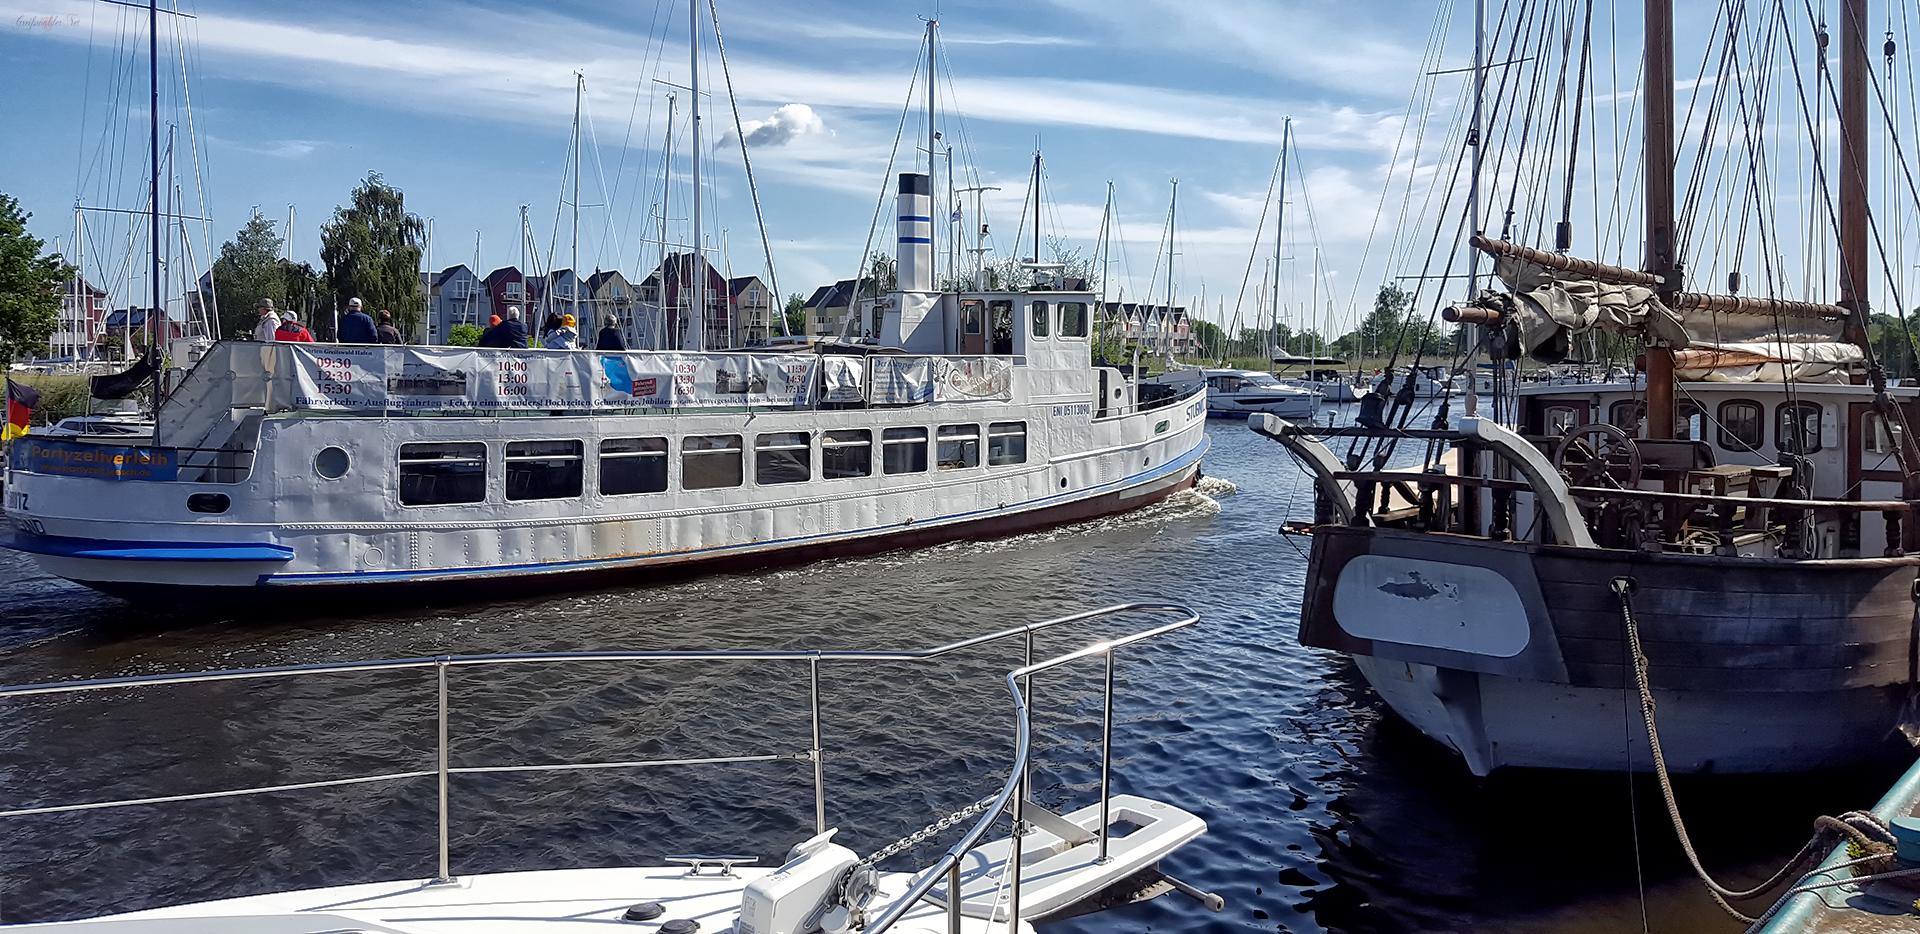 Schiffsverkehr auf dem Ryck in Greifswald